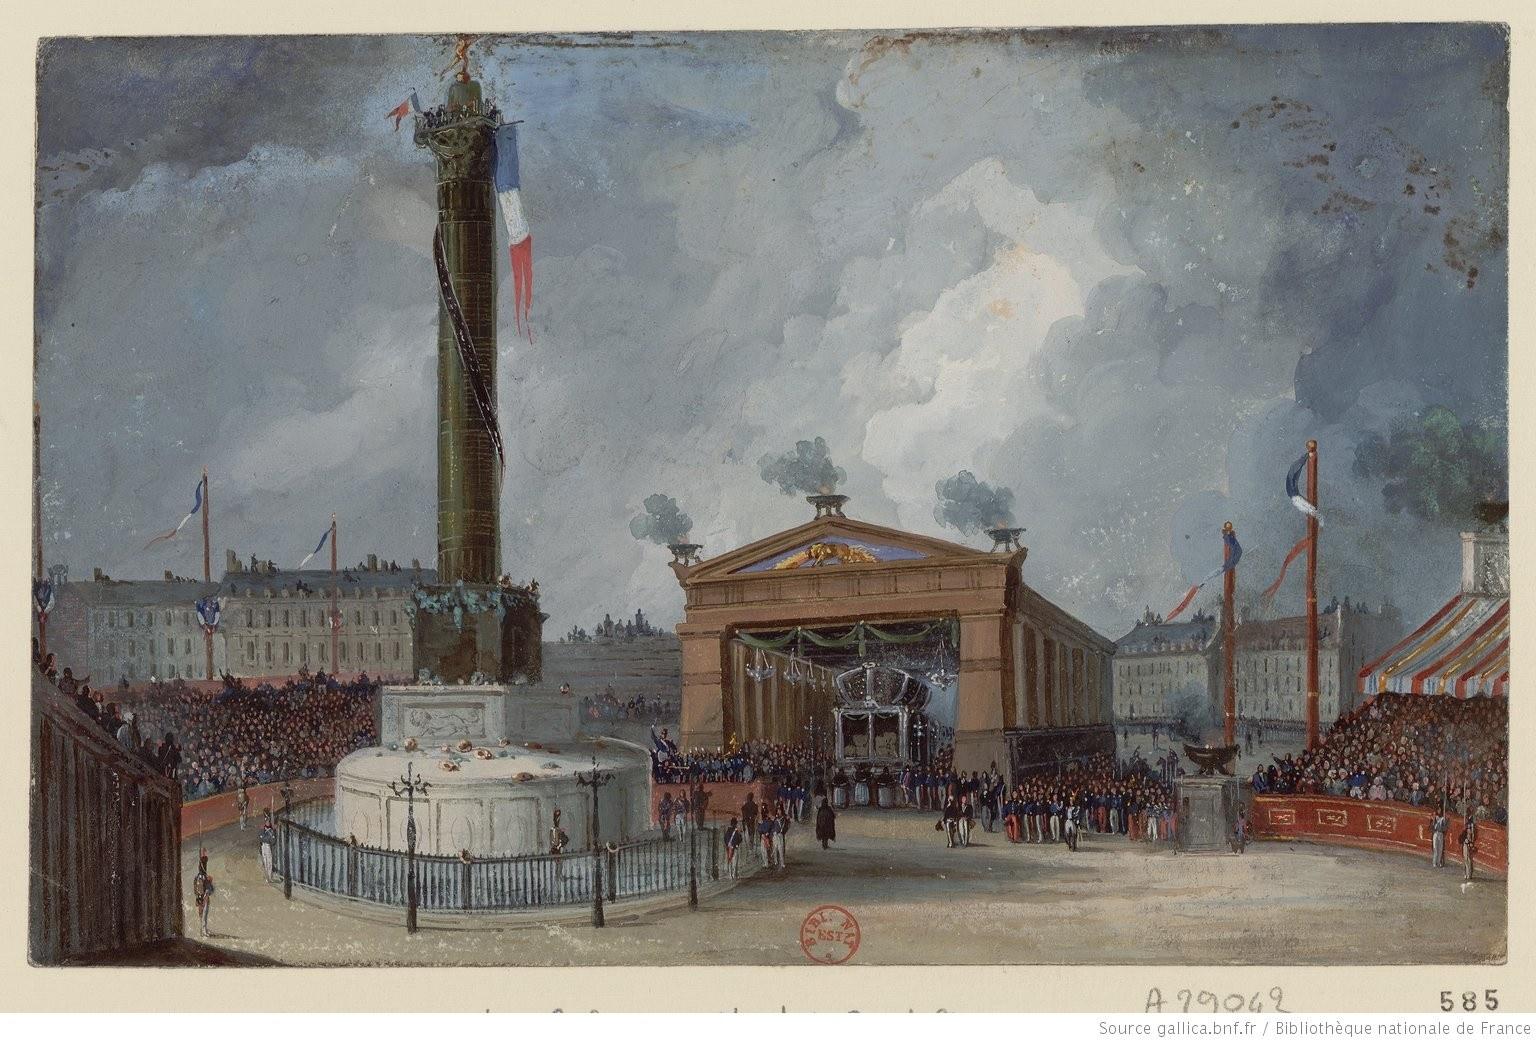 Transfert des reliques des martyrs de 1830 à la Bastille. gallica.bnf.fr/BnF